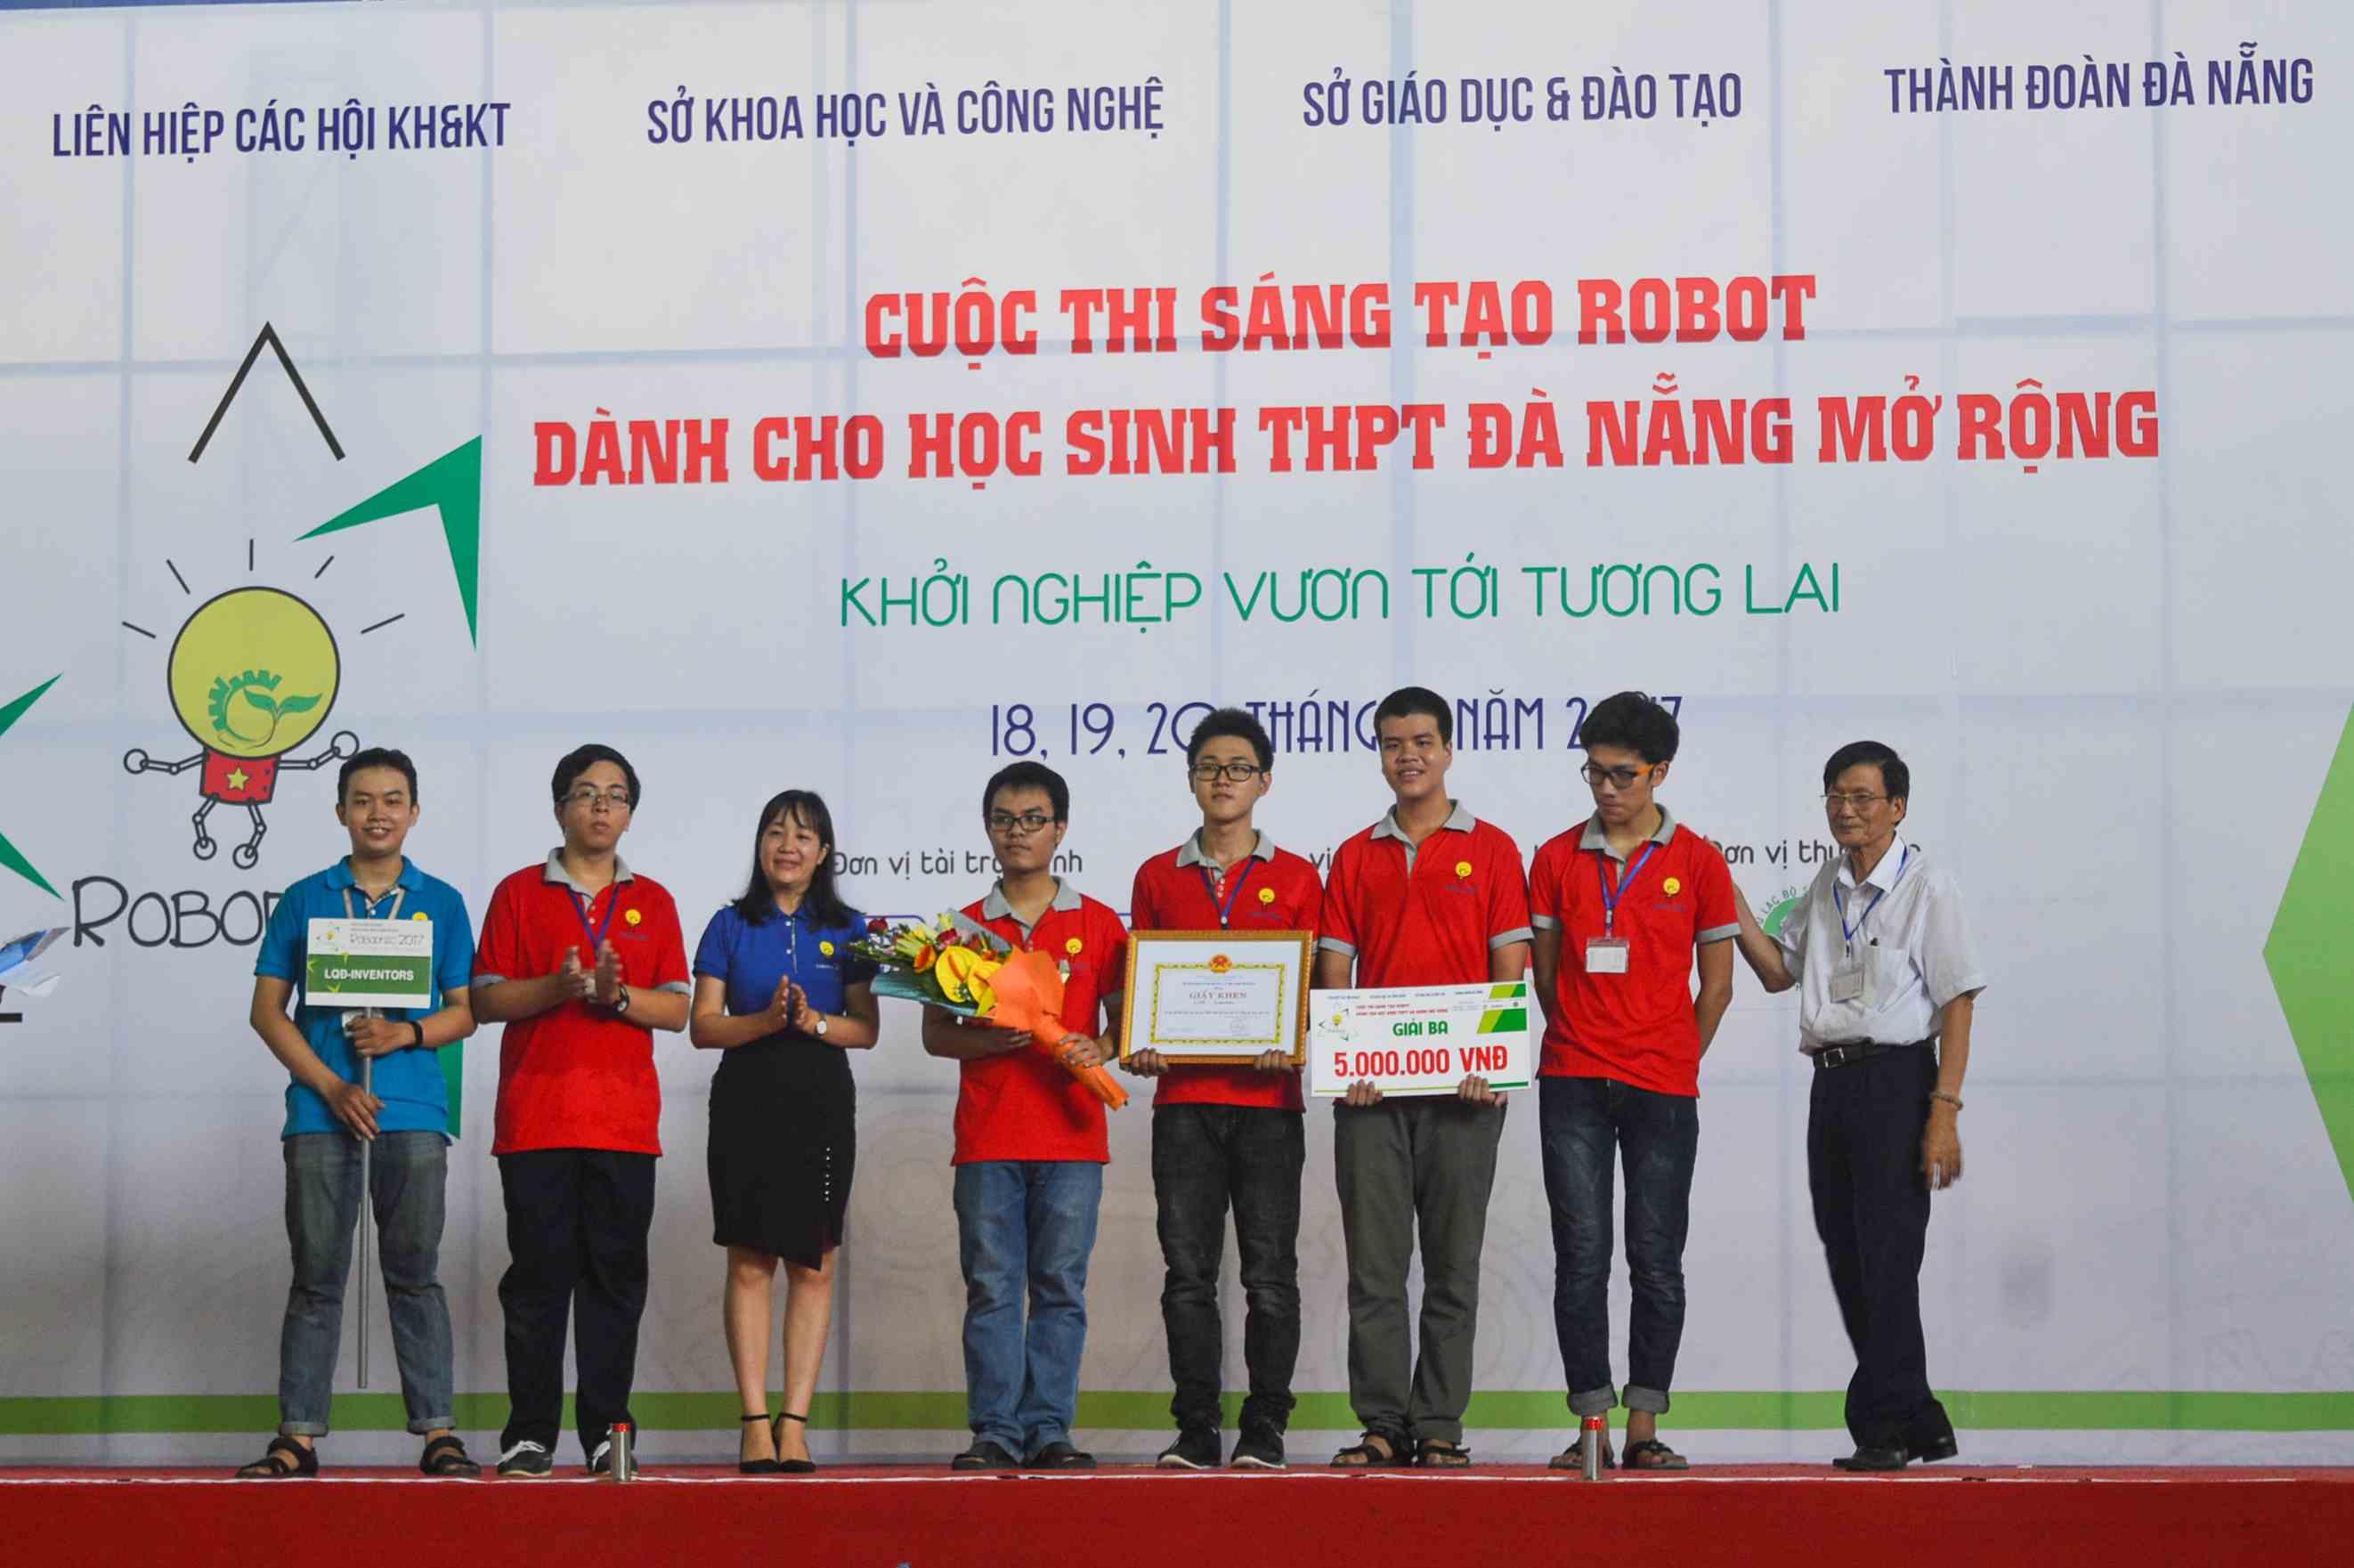 Đội chơi LQĐ - Invertors đạt giải ba cũng có một số thành viên quê ở Quảng Nam. Ảnh: CTV